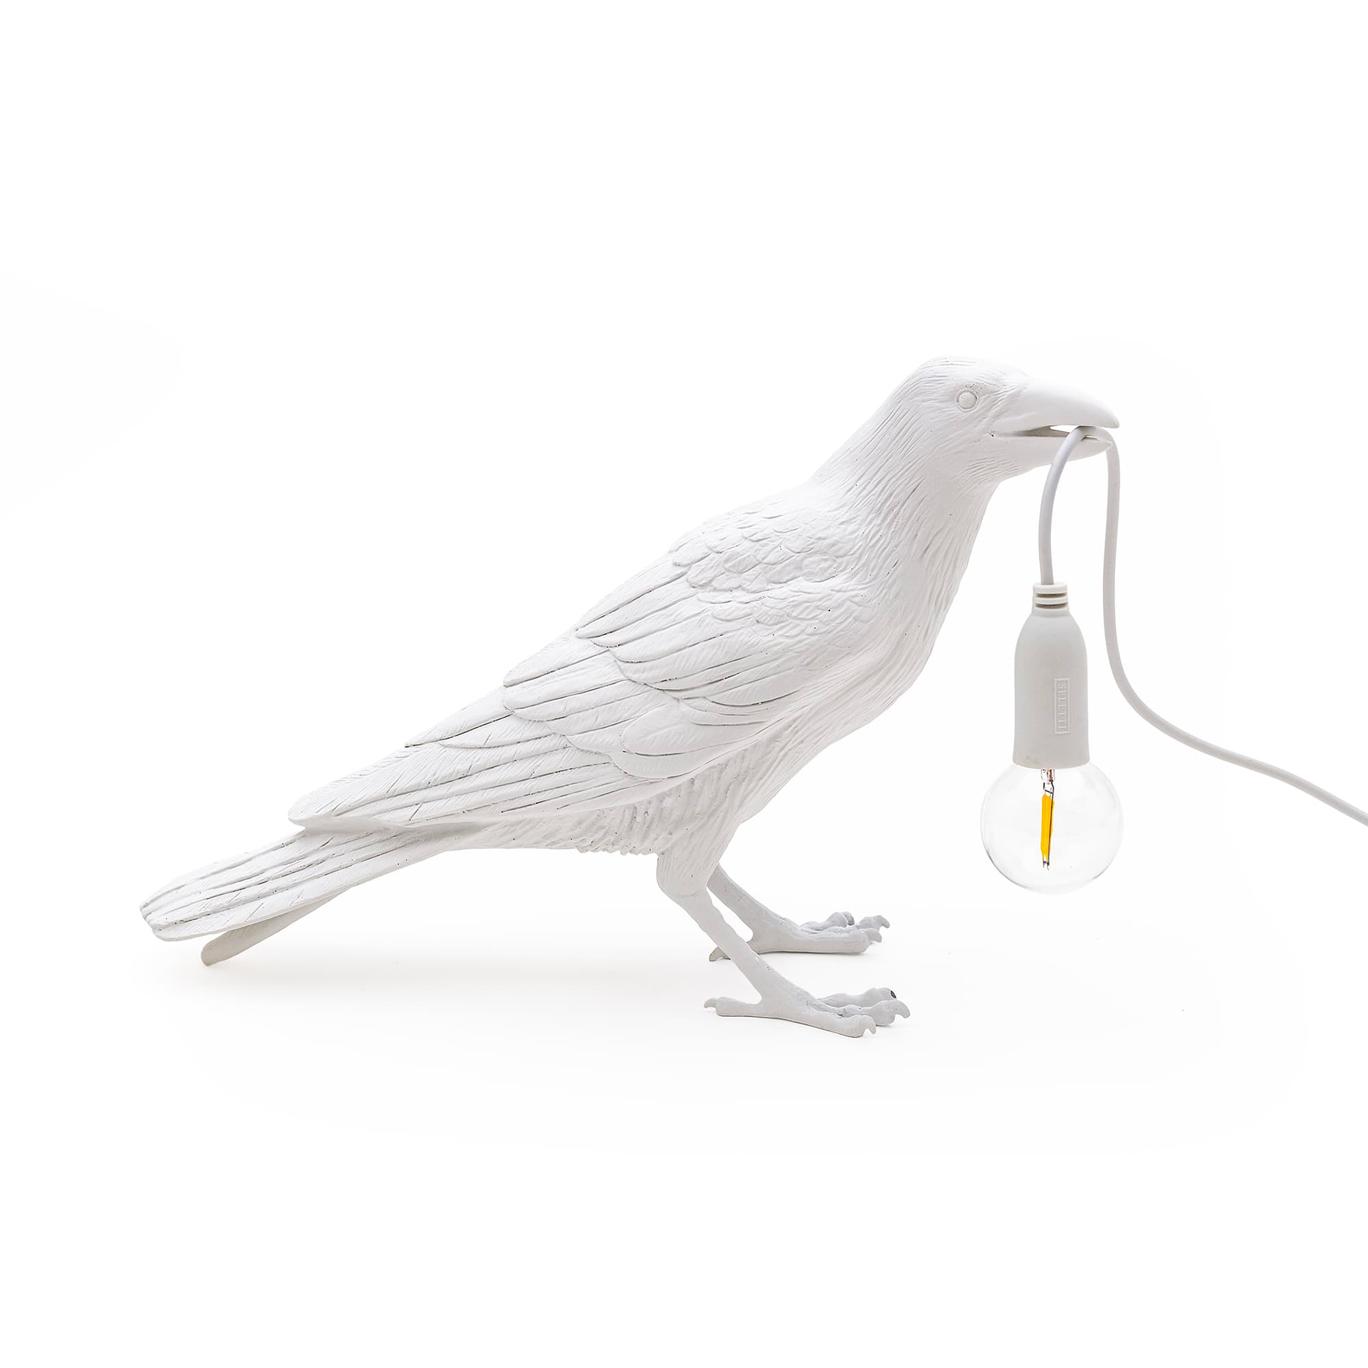 BIRD LAMP PLAYING BIANCA